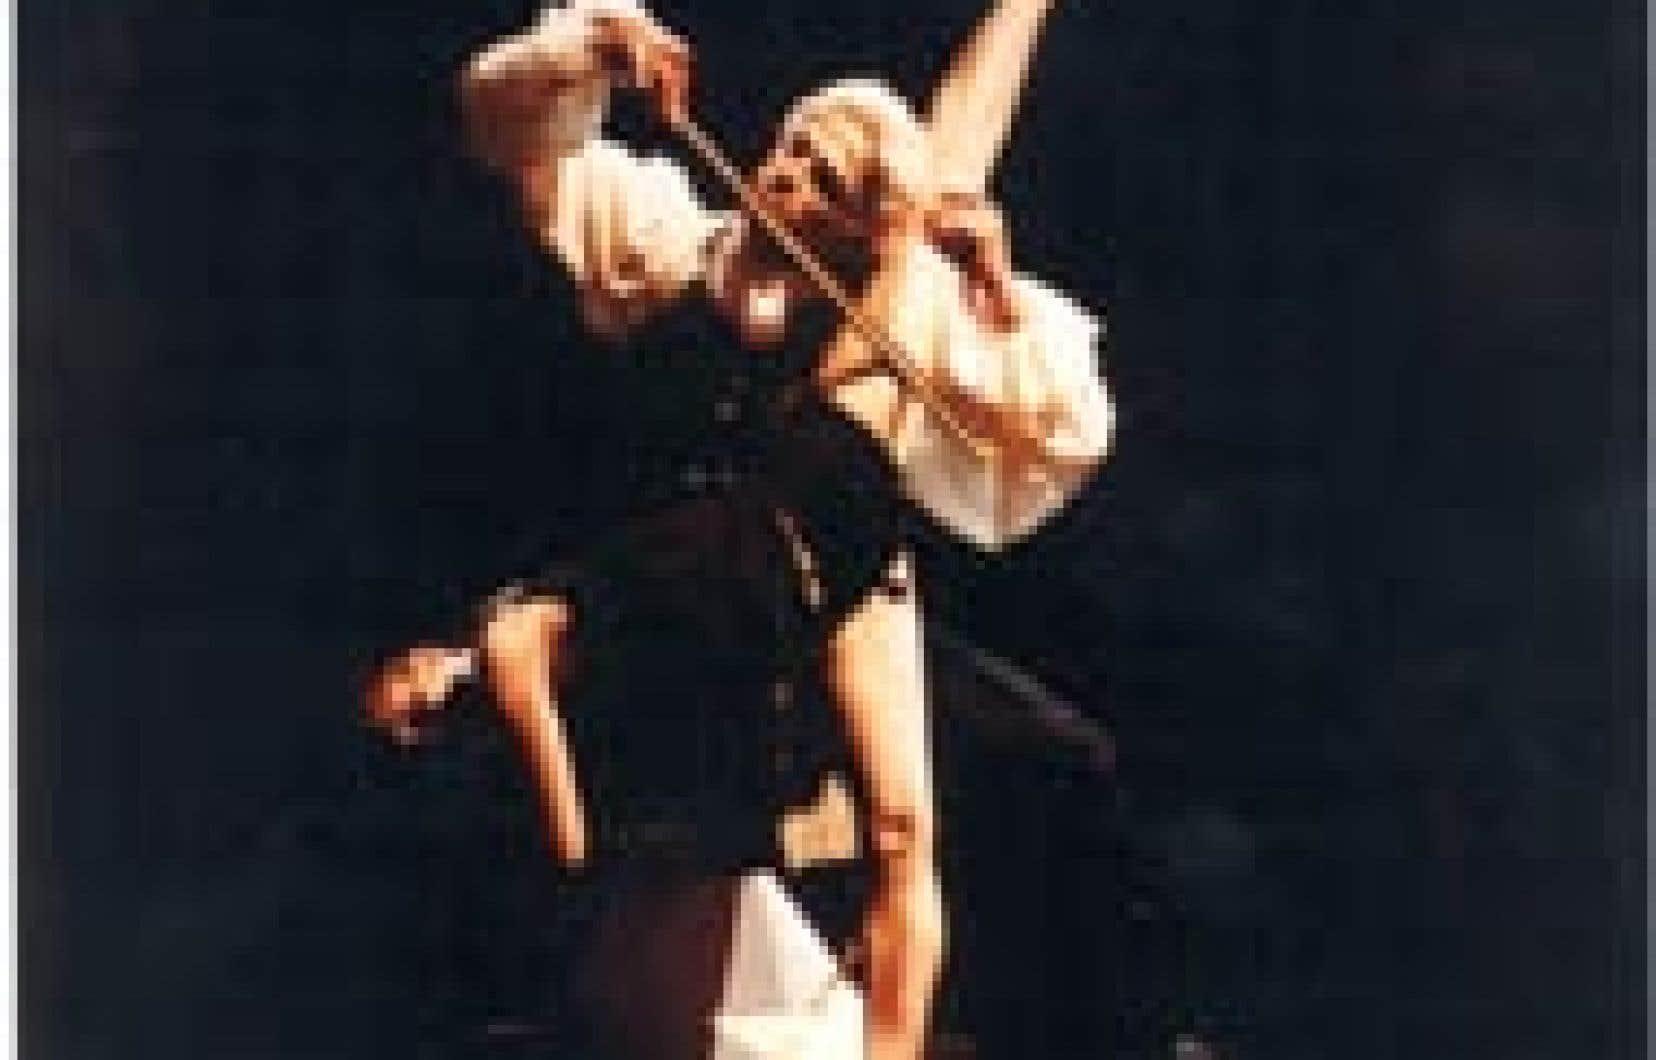 Difficile de ne pas succomber à la beauté du travail de Nacho Duato. — Photo: Compania nacionale de danza